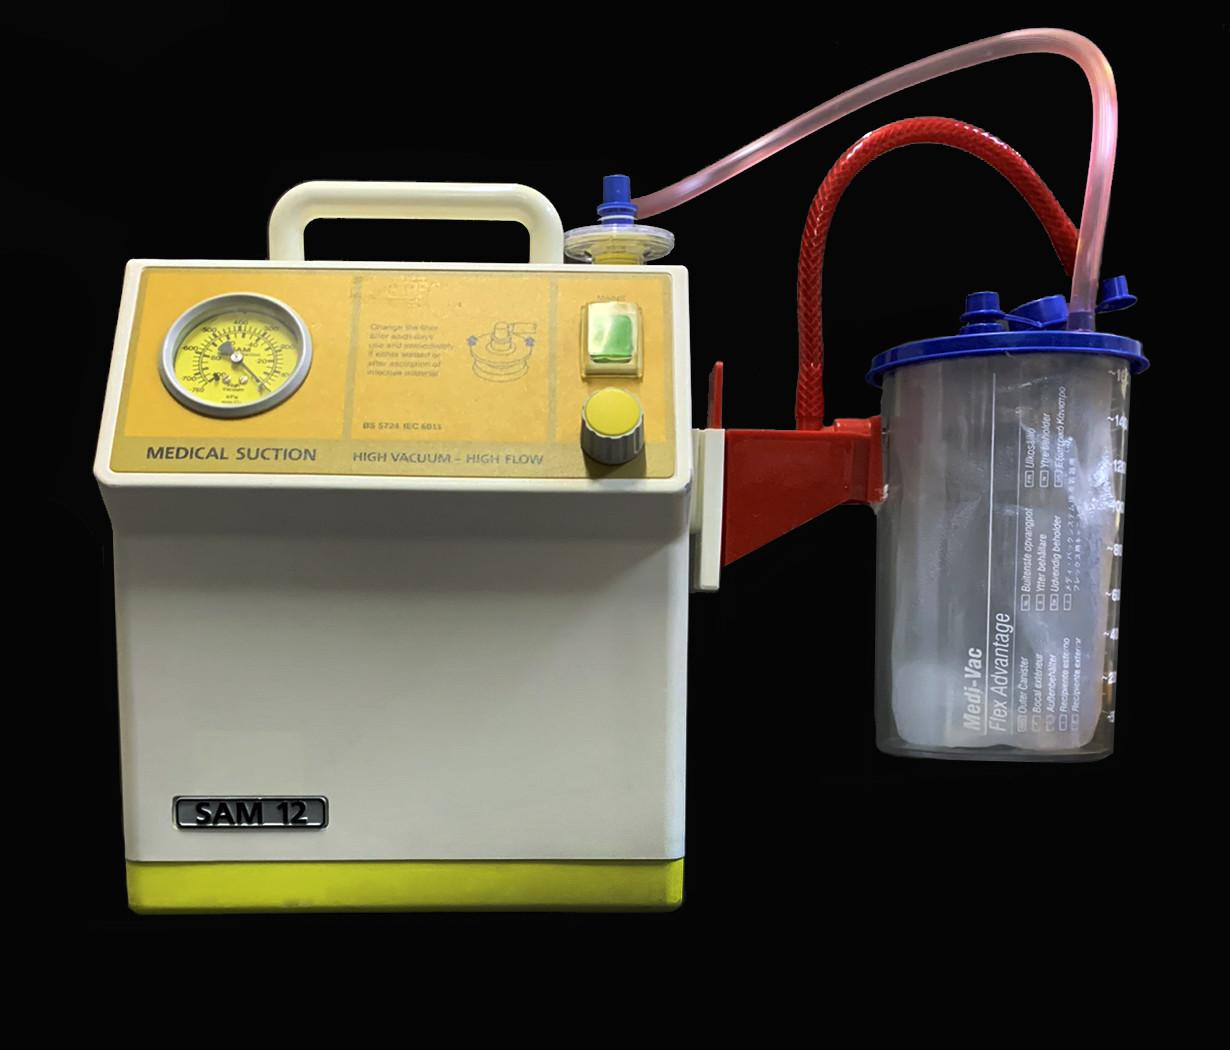 Відсмоктувач Sam 12. Максимальний від'ємний тиск 1 атмосфера, колба 1500мл